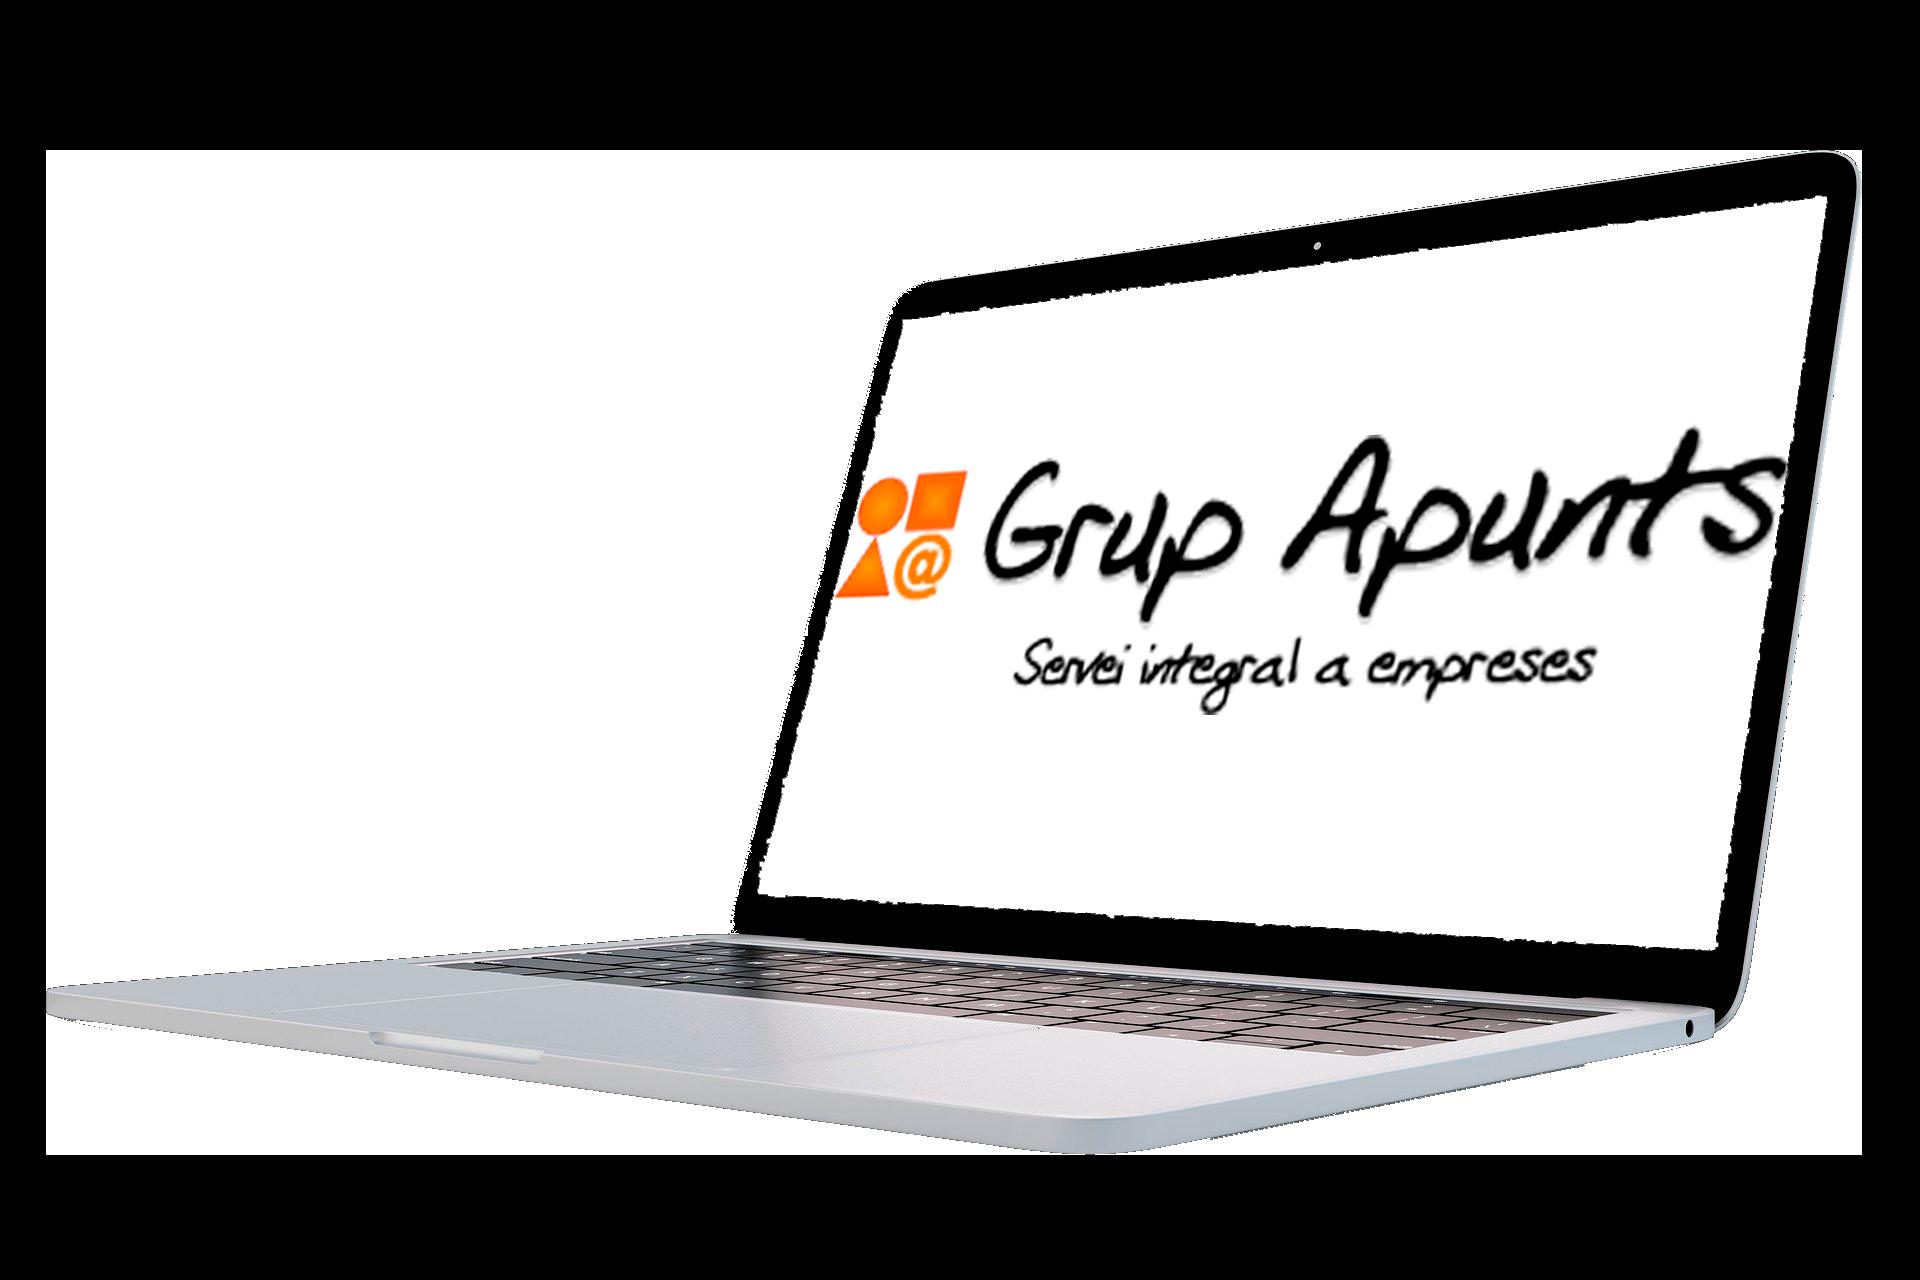 Laptop-logo-apunts